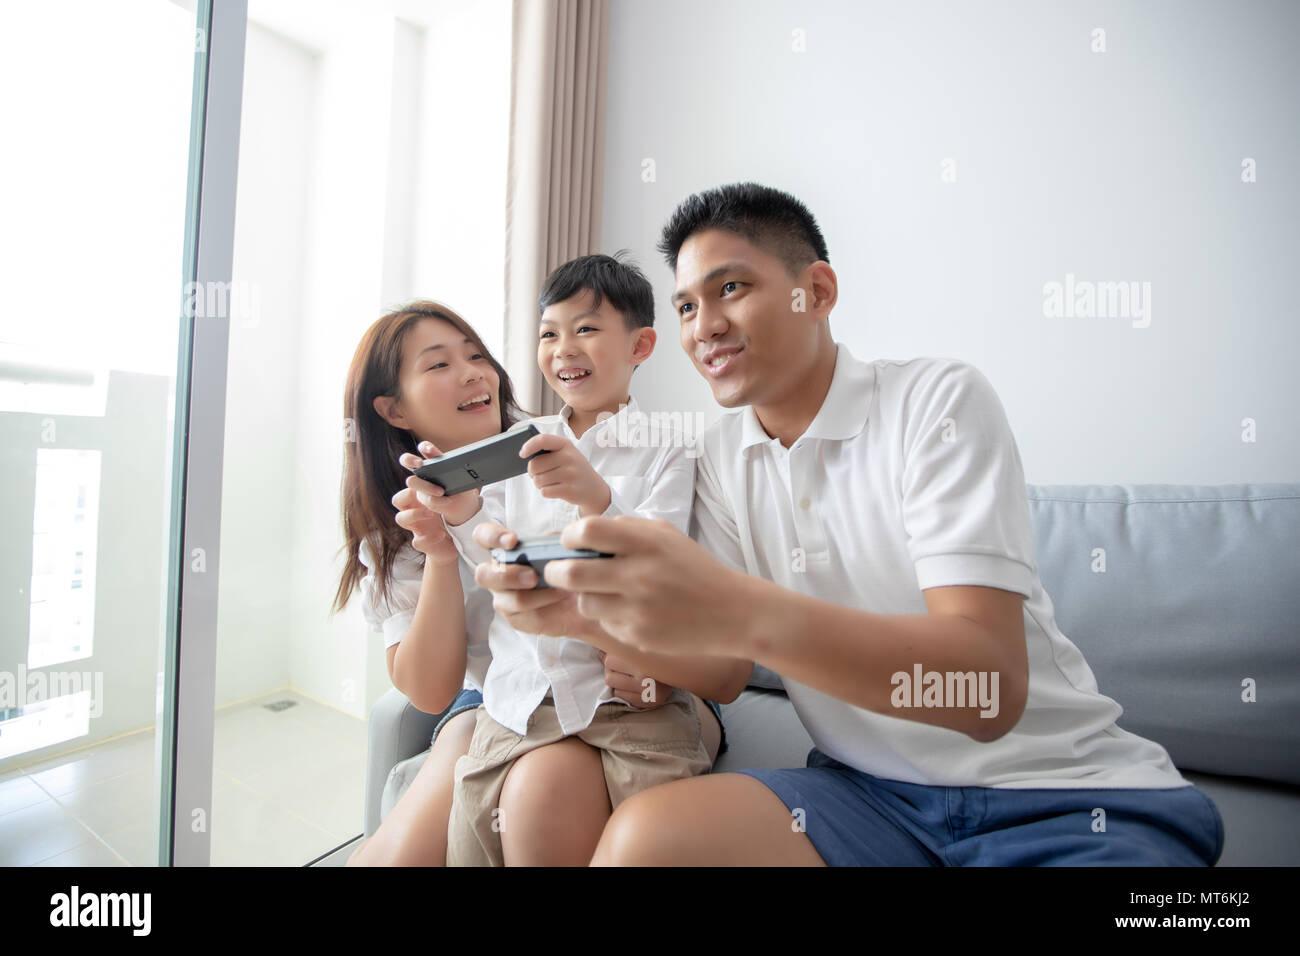 Asian family having fun playing computer games console ensemble, père et fils ont le combiné et contrôleurs de la mère n'est encourager les joueurs. Photo Stock